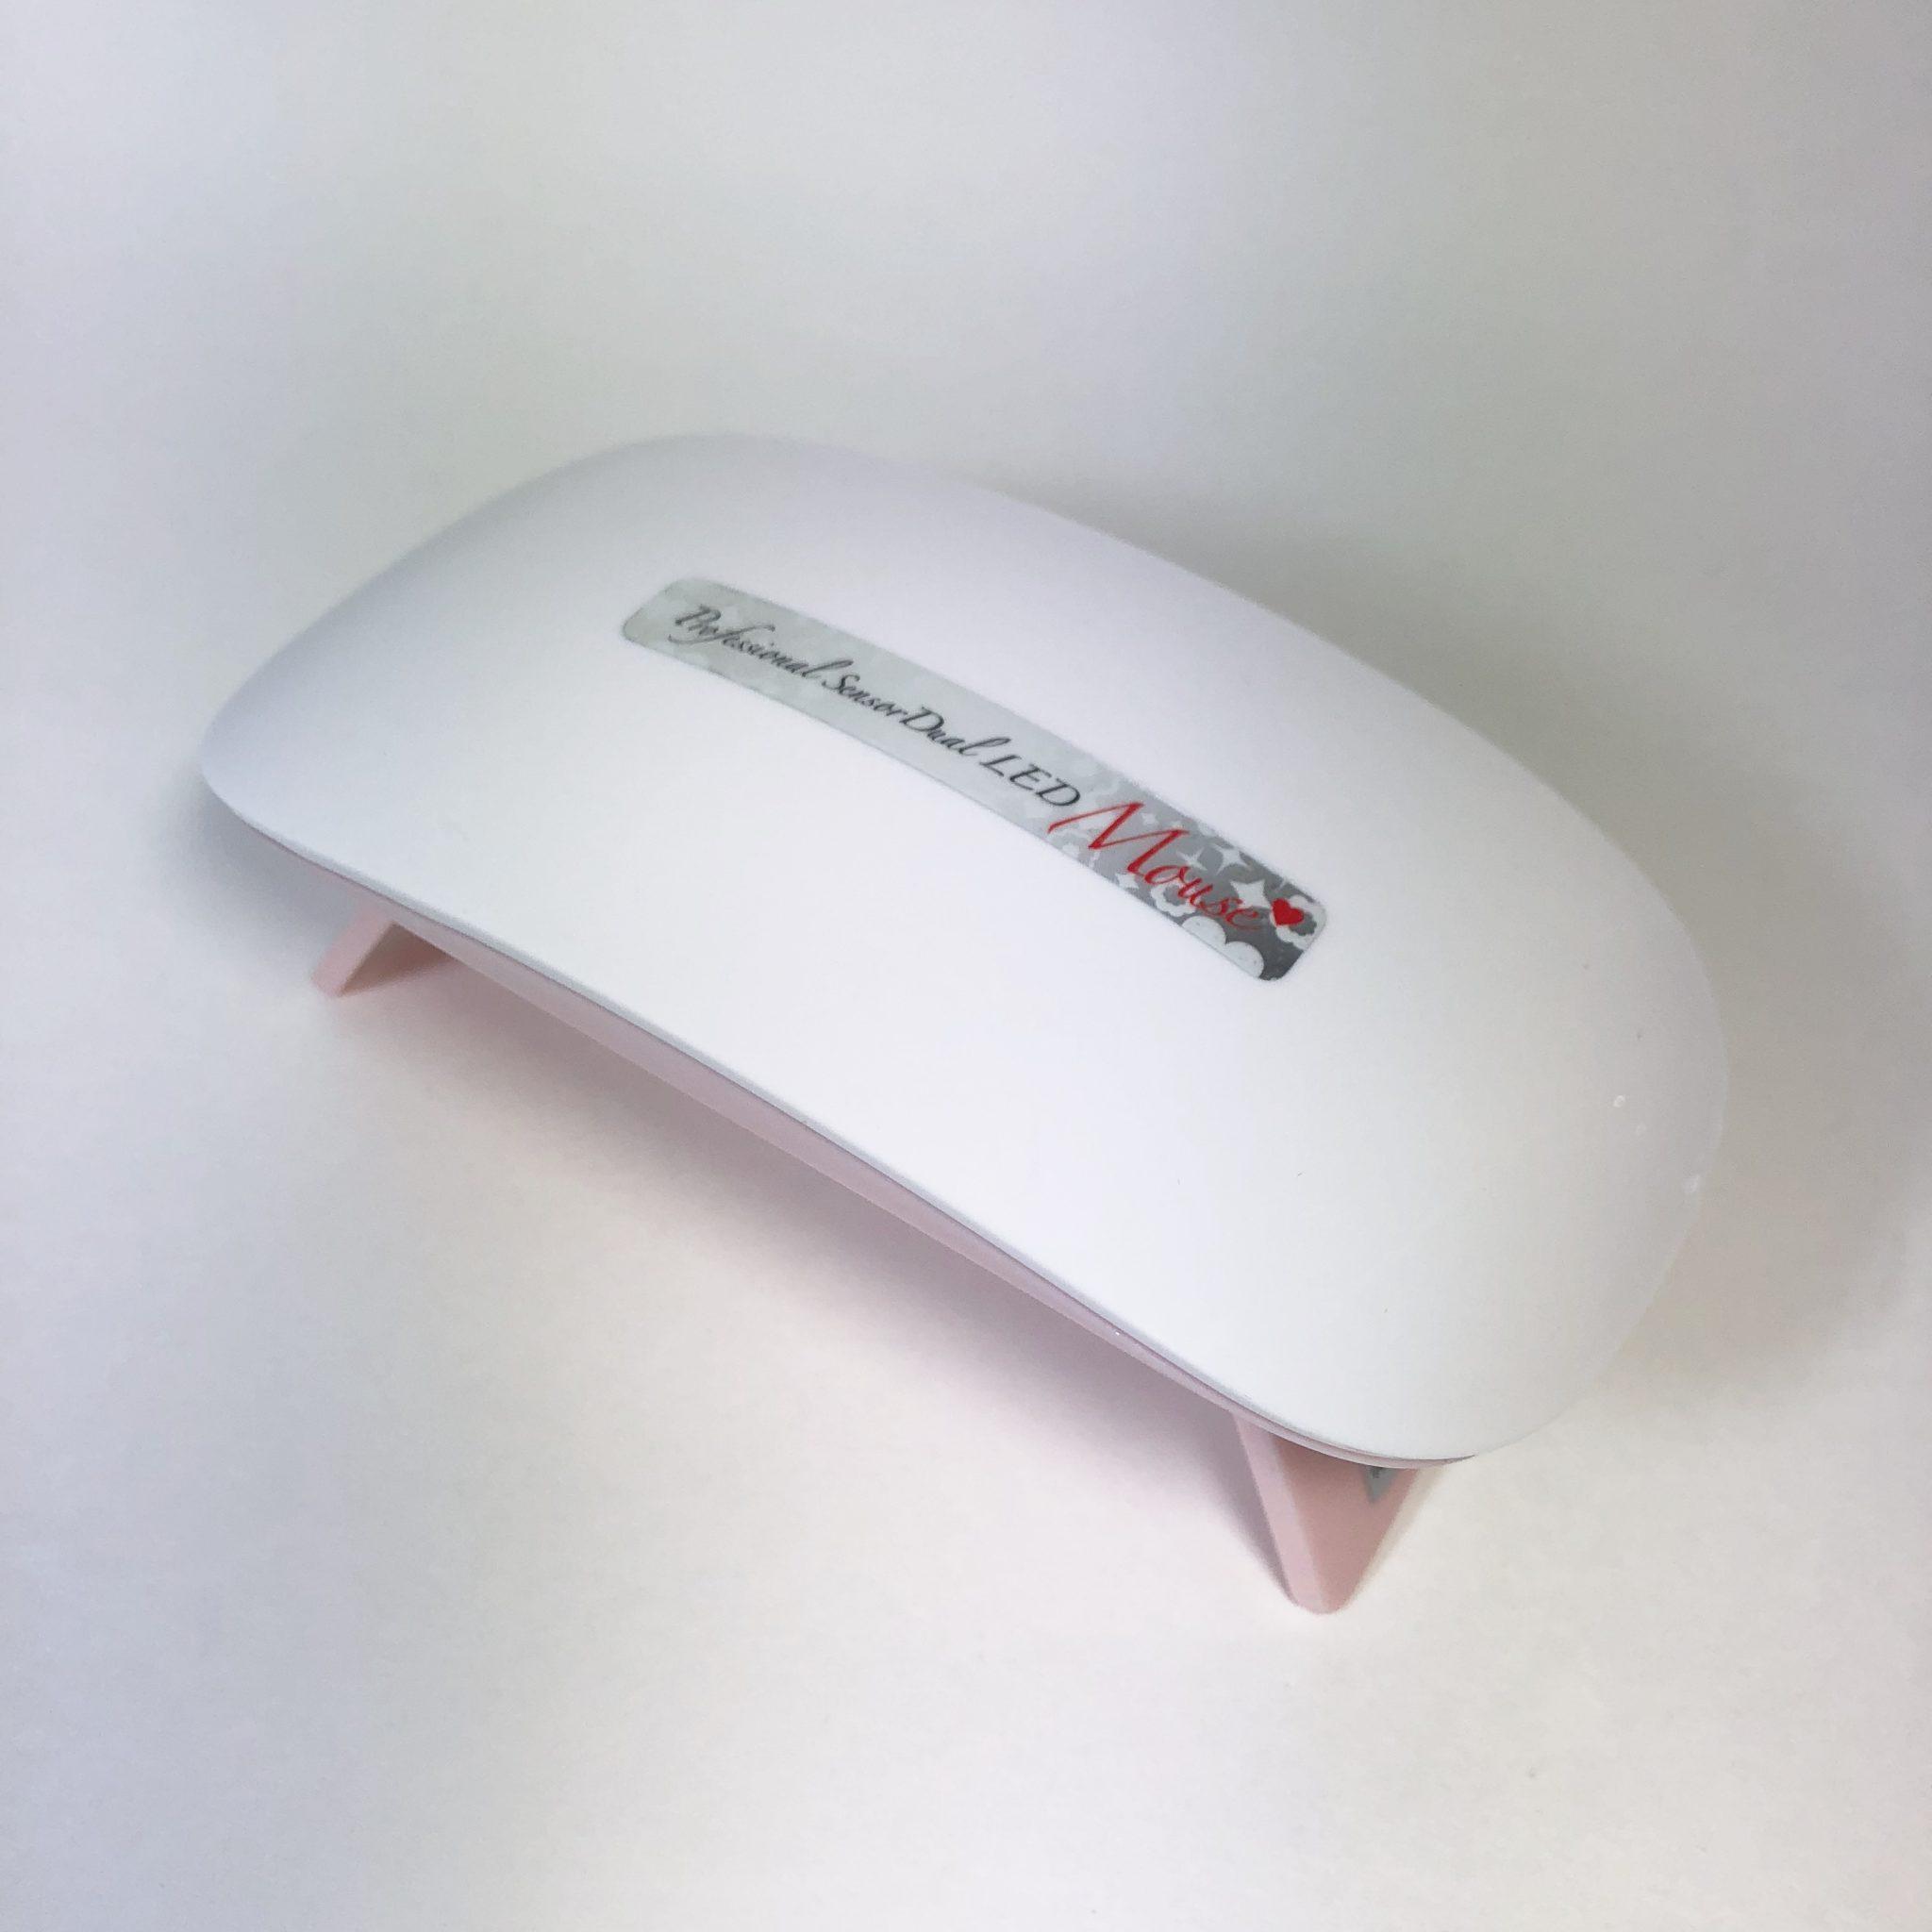 プロフェッショナルセンサーデュアルLED Mouse